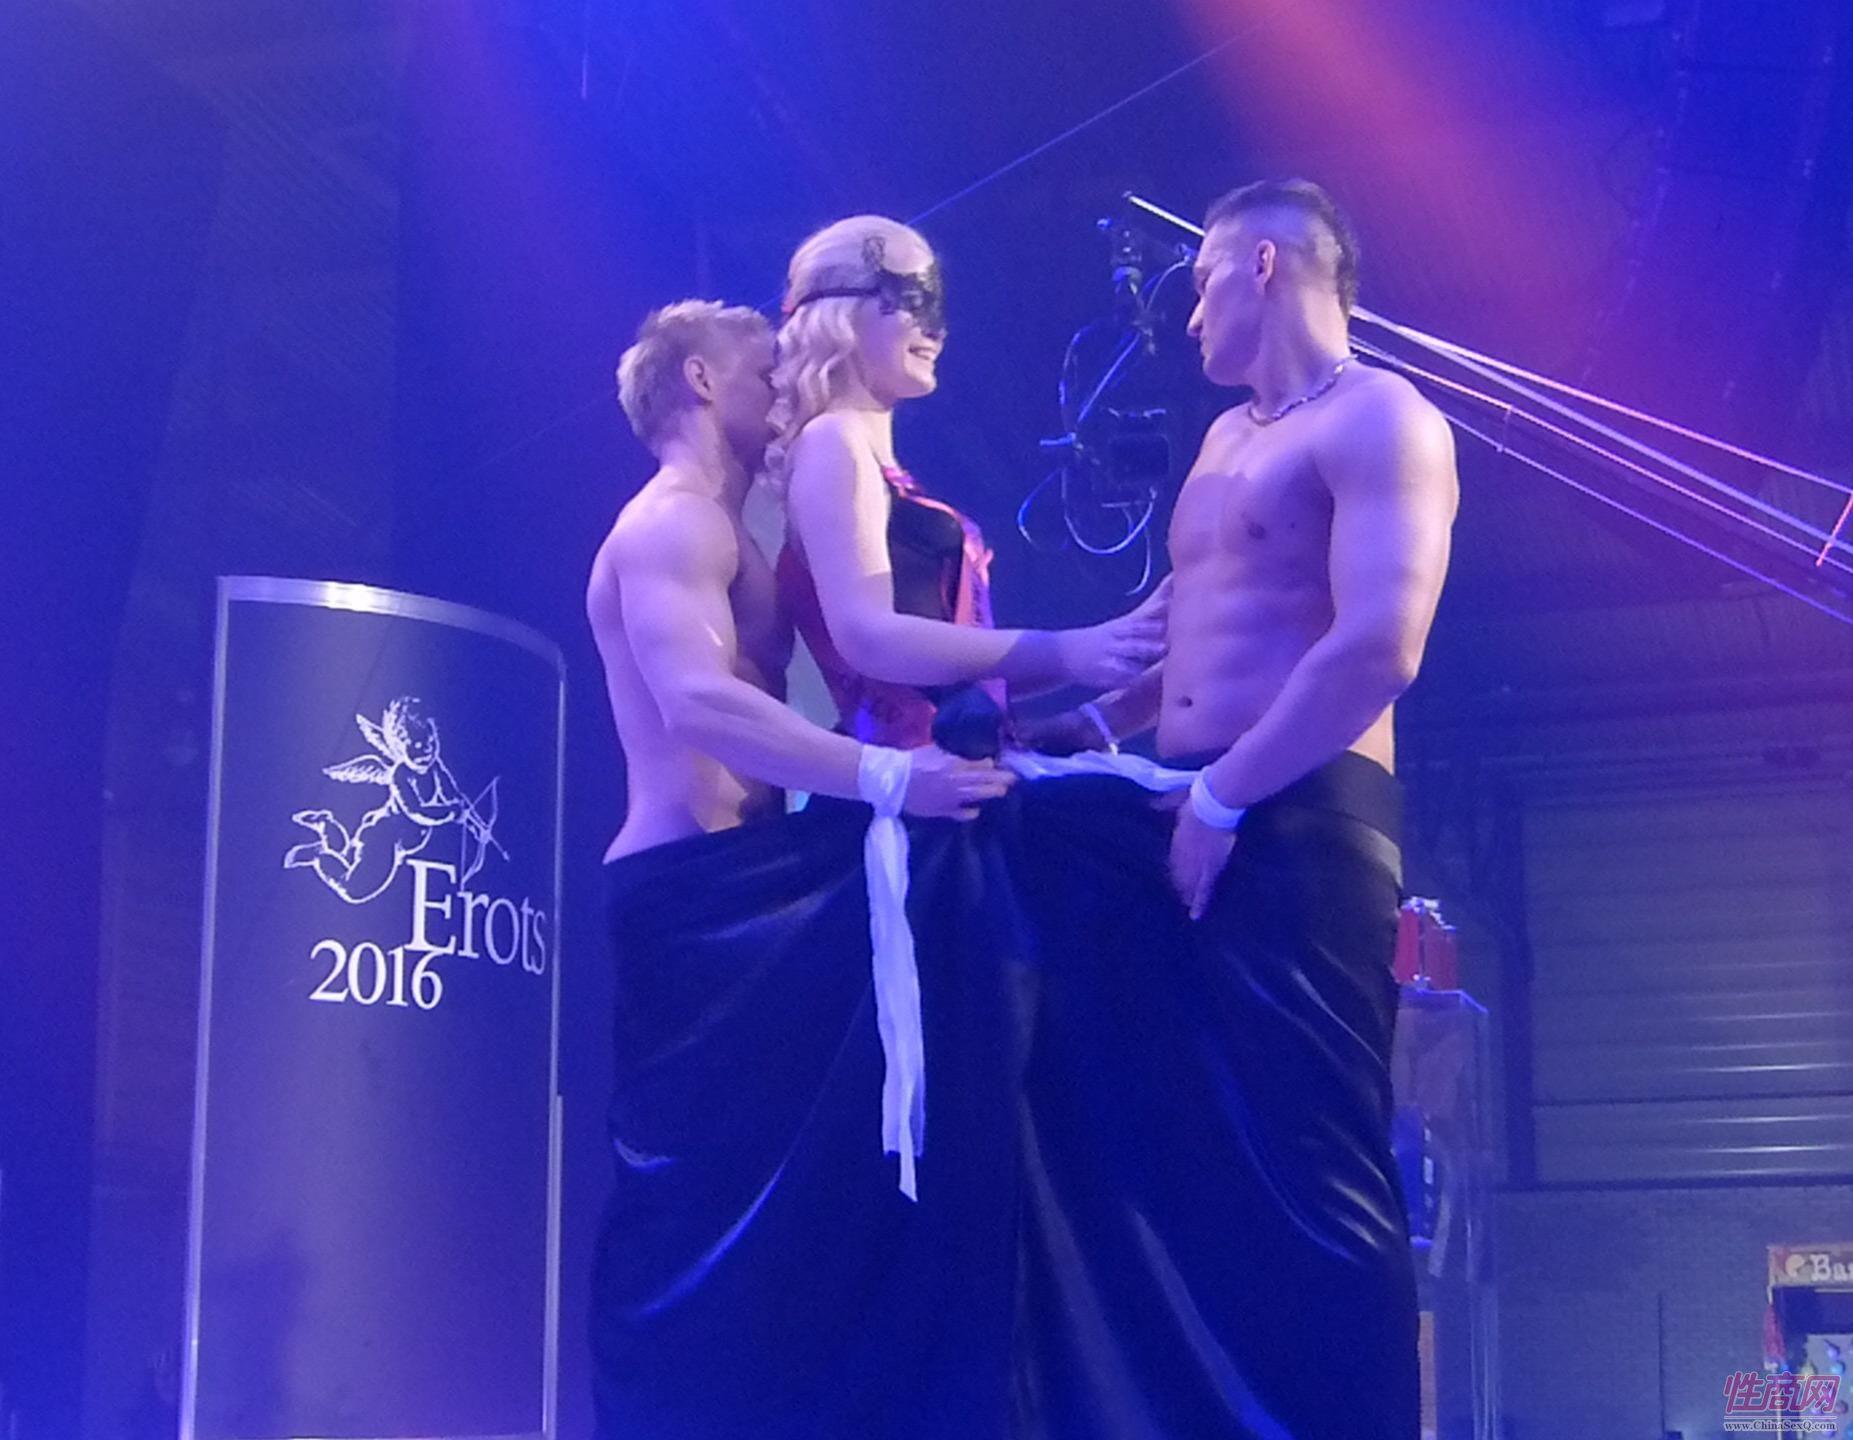 舞蹈表演是拉脱维亚成人展的亮点之一